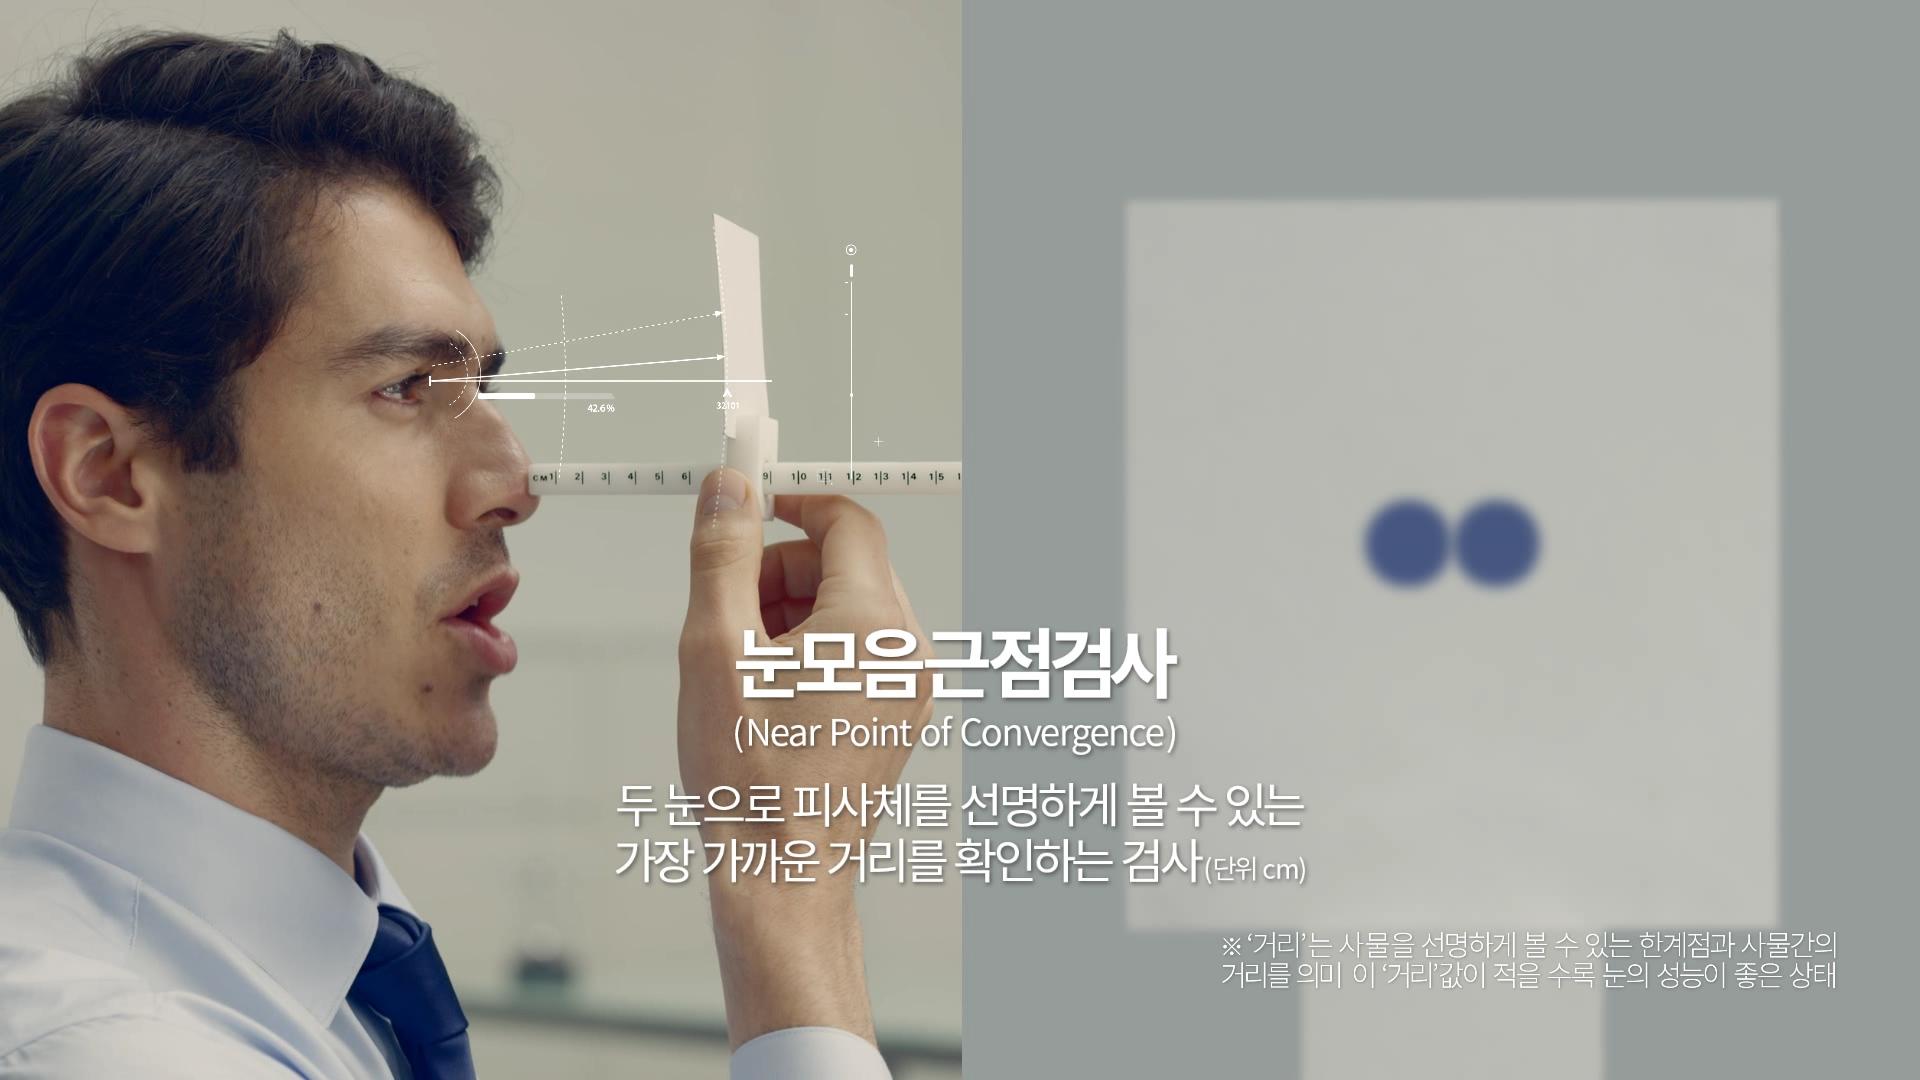 삼성전자, 눈 피로도 줄여주는 커브드 모니터 디지털 영상 공개